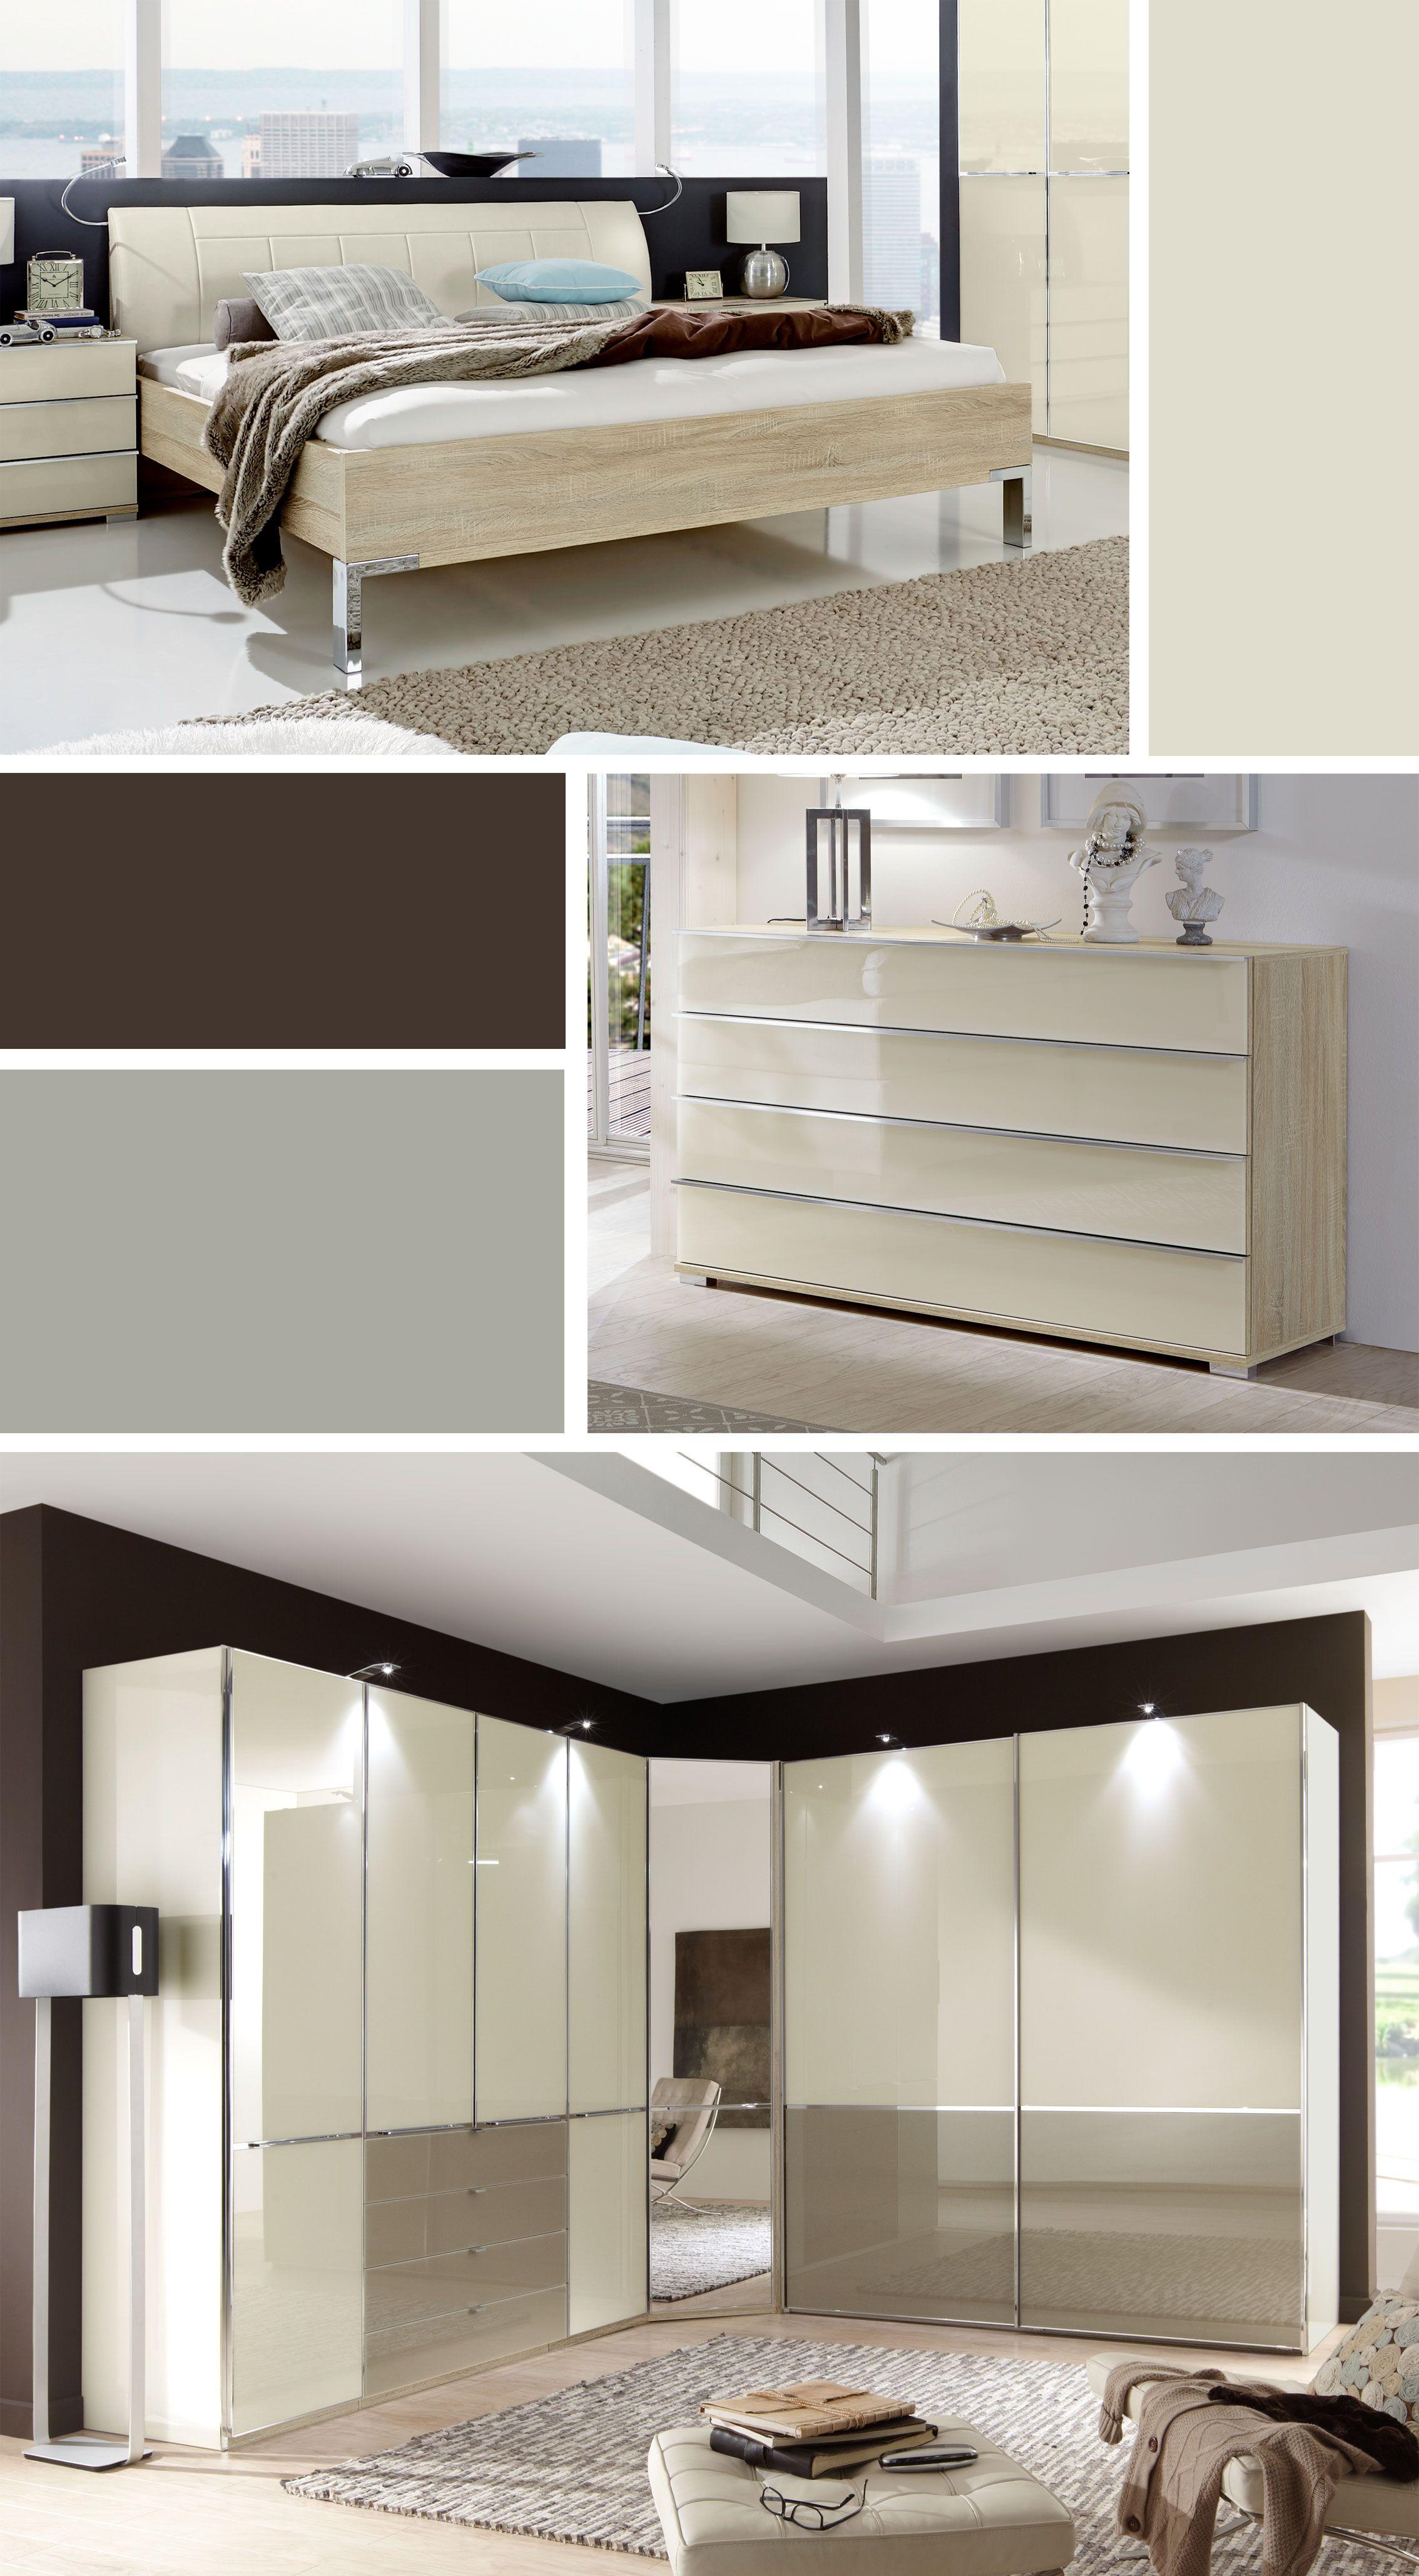 Exklusives Komplett-Schlafzimmer mit edlen Glas-Elementen. | Betten ...